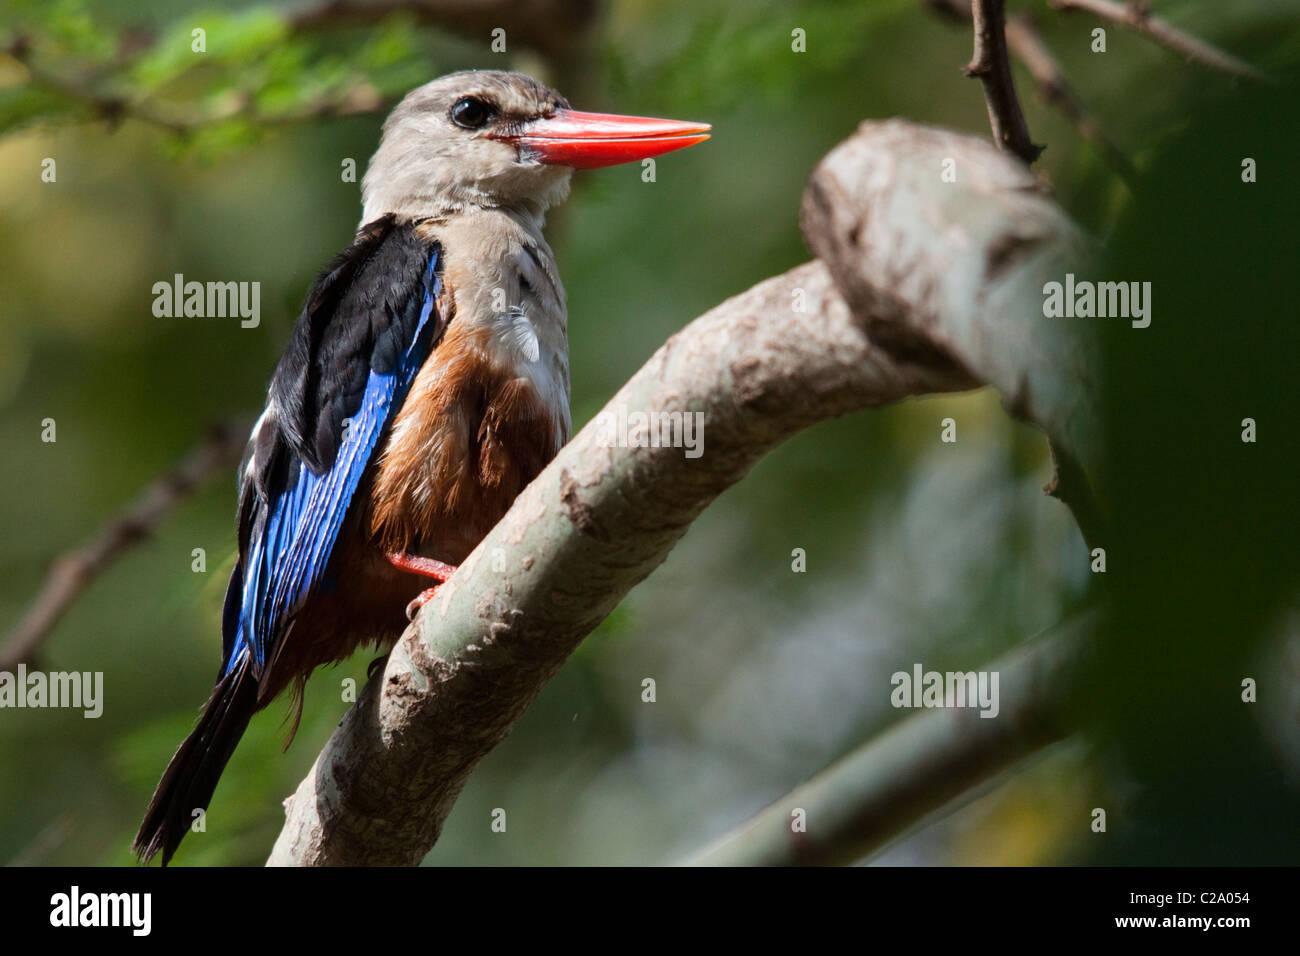 Grey-headed Kingfisher (Halcyon leucocephala), Kenya, Africa - Stock Image